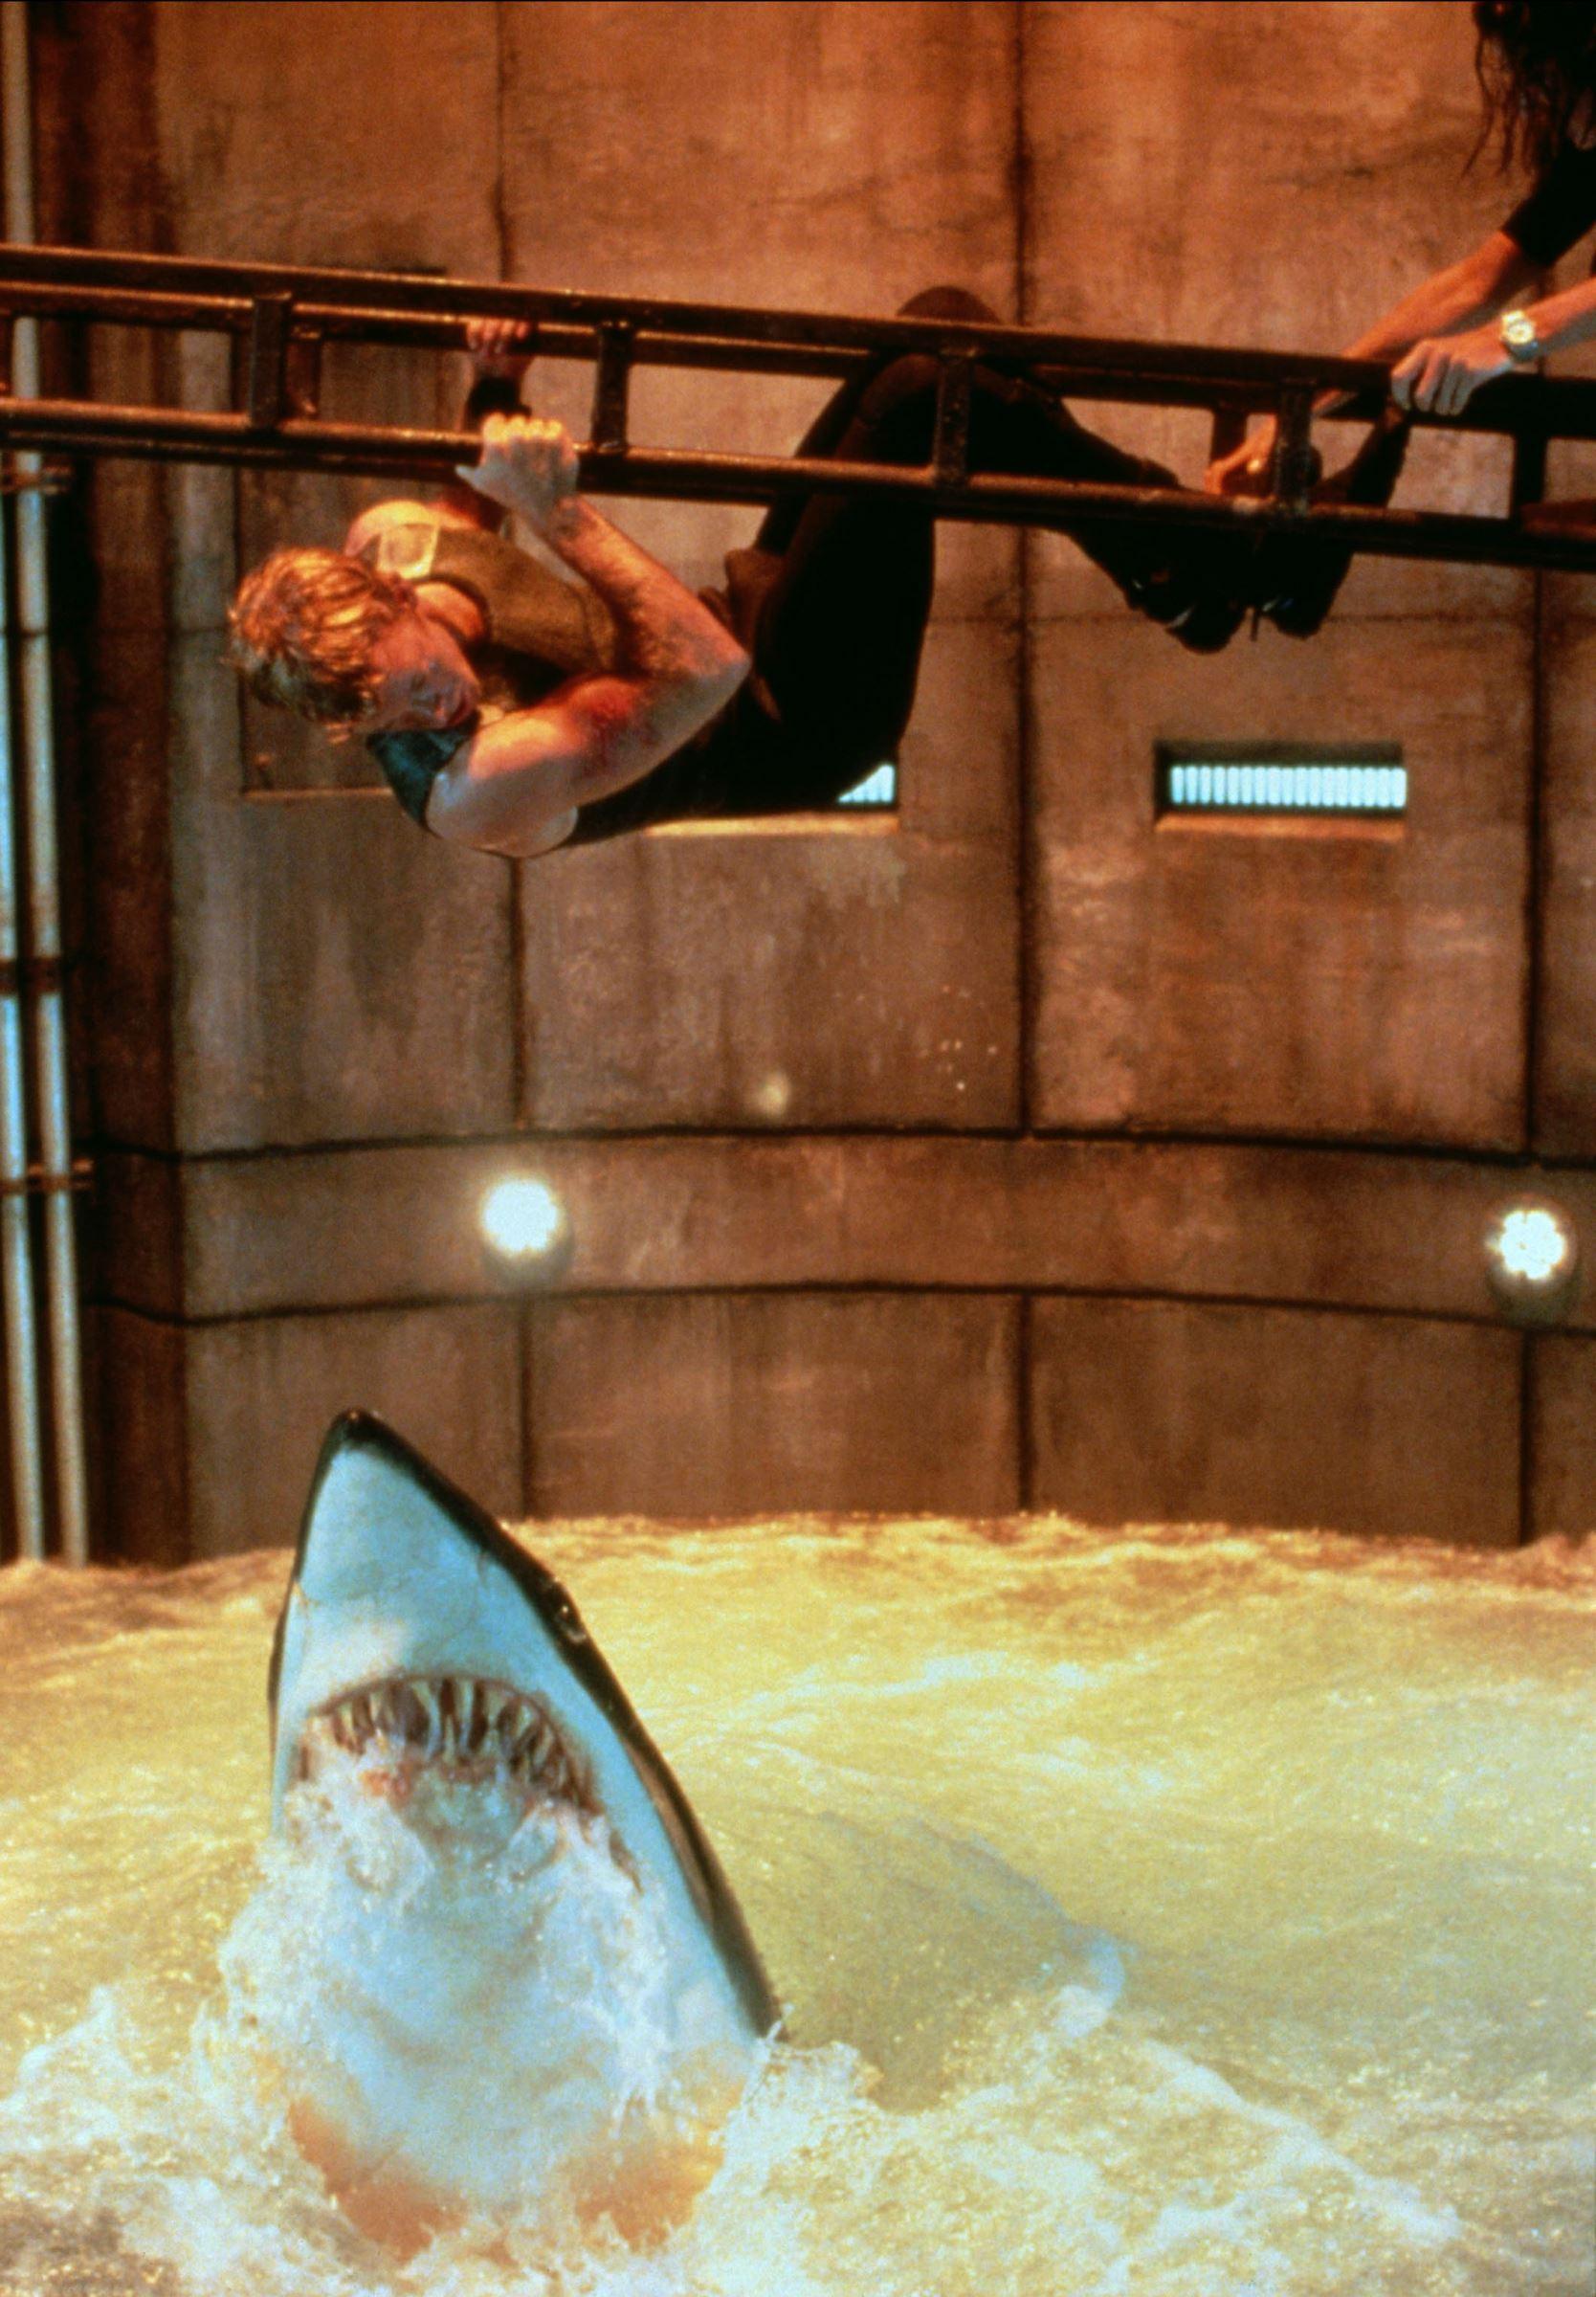 Instinct De Survie Histoire Vraie : instinct, survie, histoire, vraie, Troubles, Meilleurs, Films, Requins, Télé